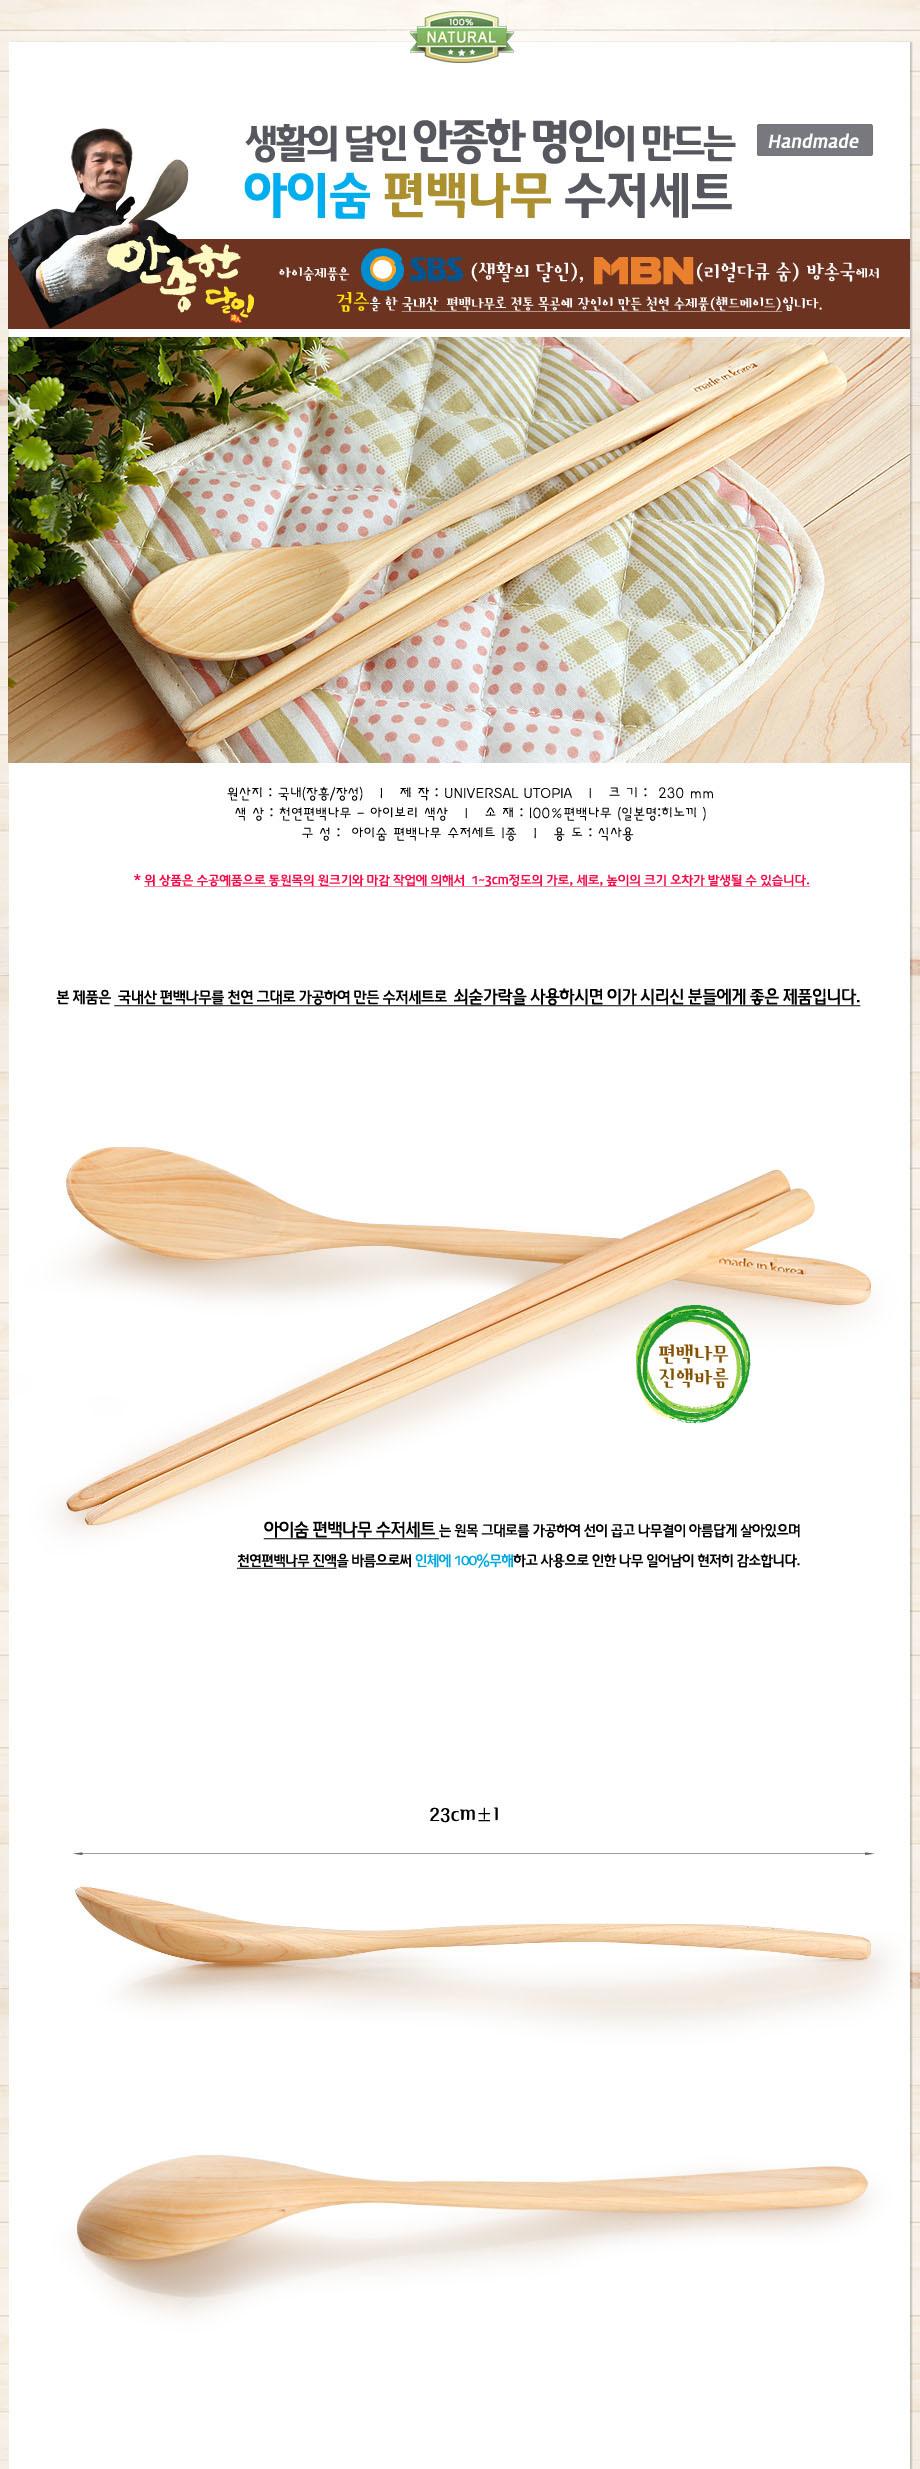 아이숨 편백나무 수저세트 - 아이숨, 12,900원, 숟가락/젓가락/스틱, 숟가락/젓가락 세트